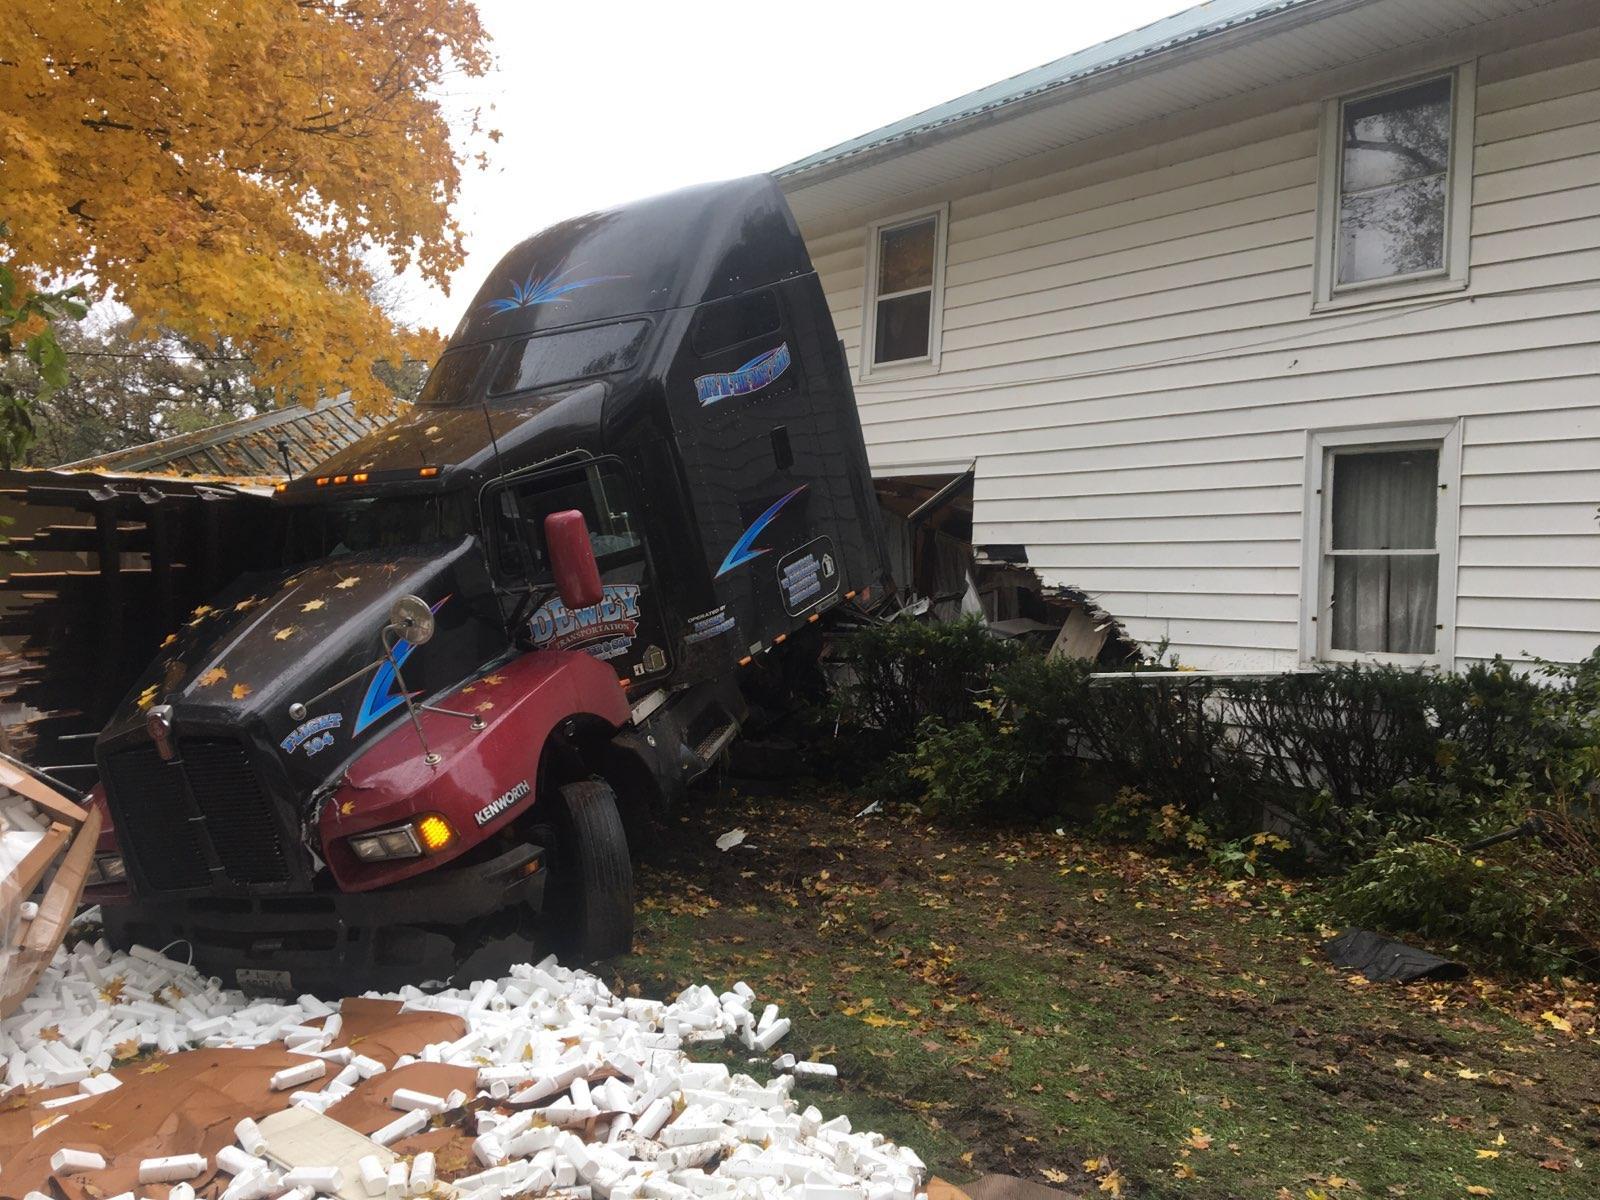 Crash cuts semi trailer in half, sends cab into home